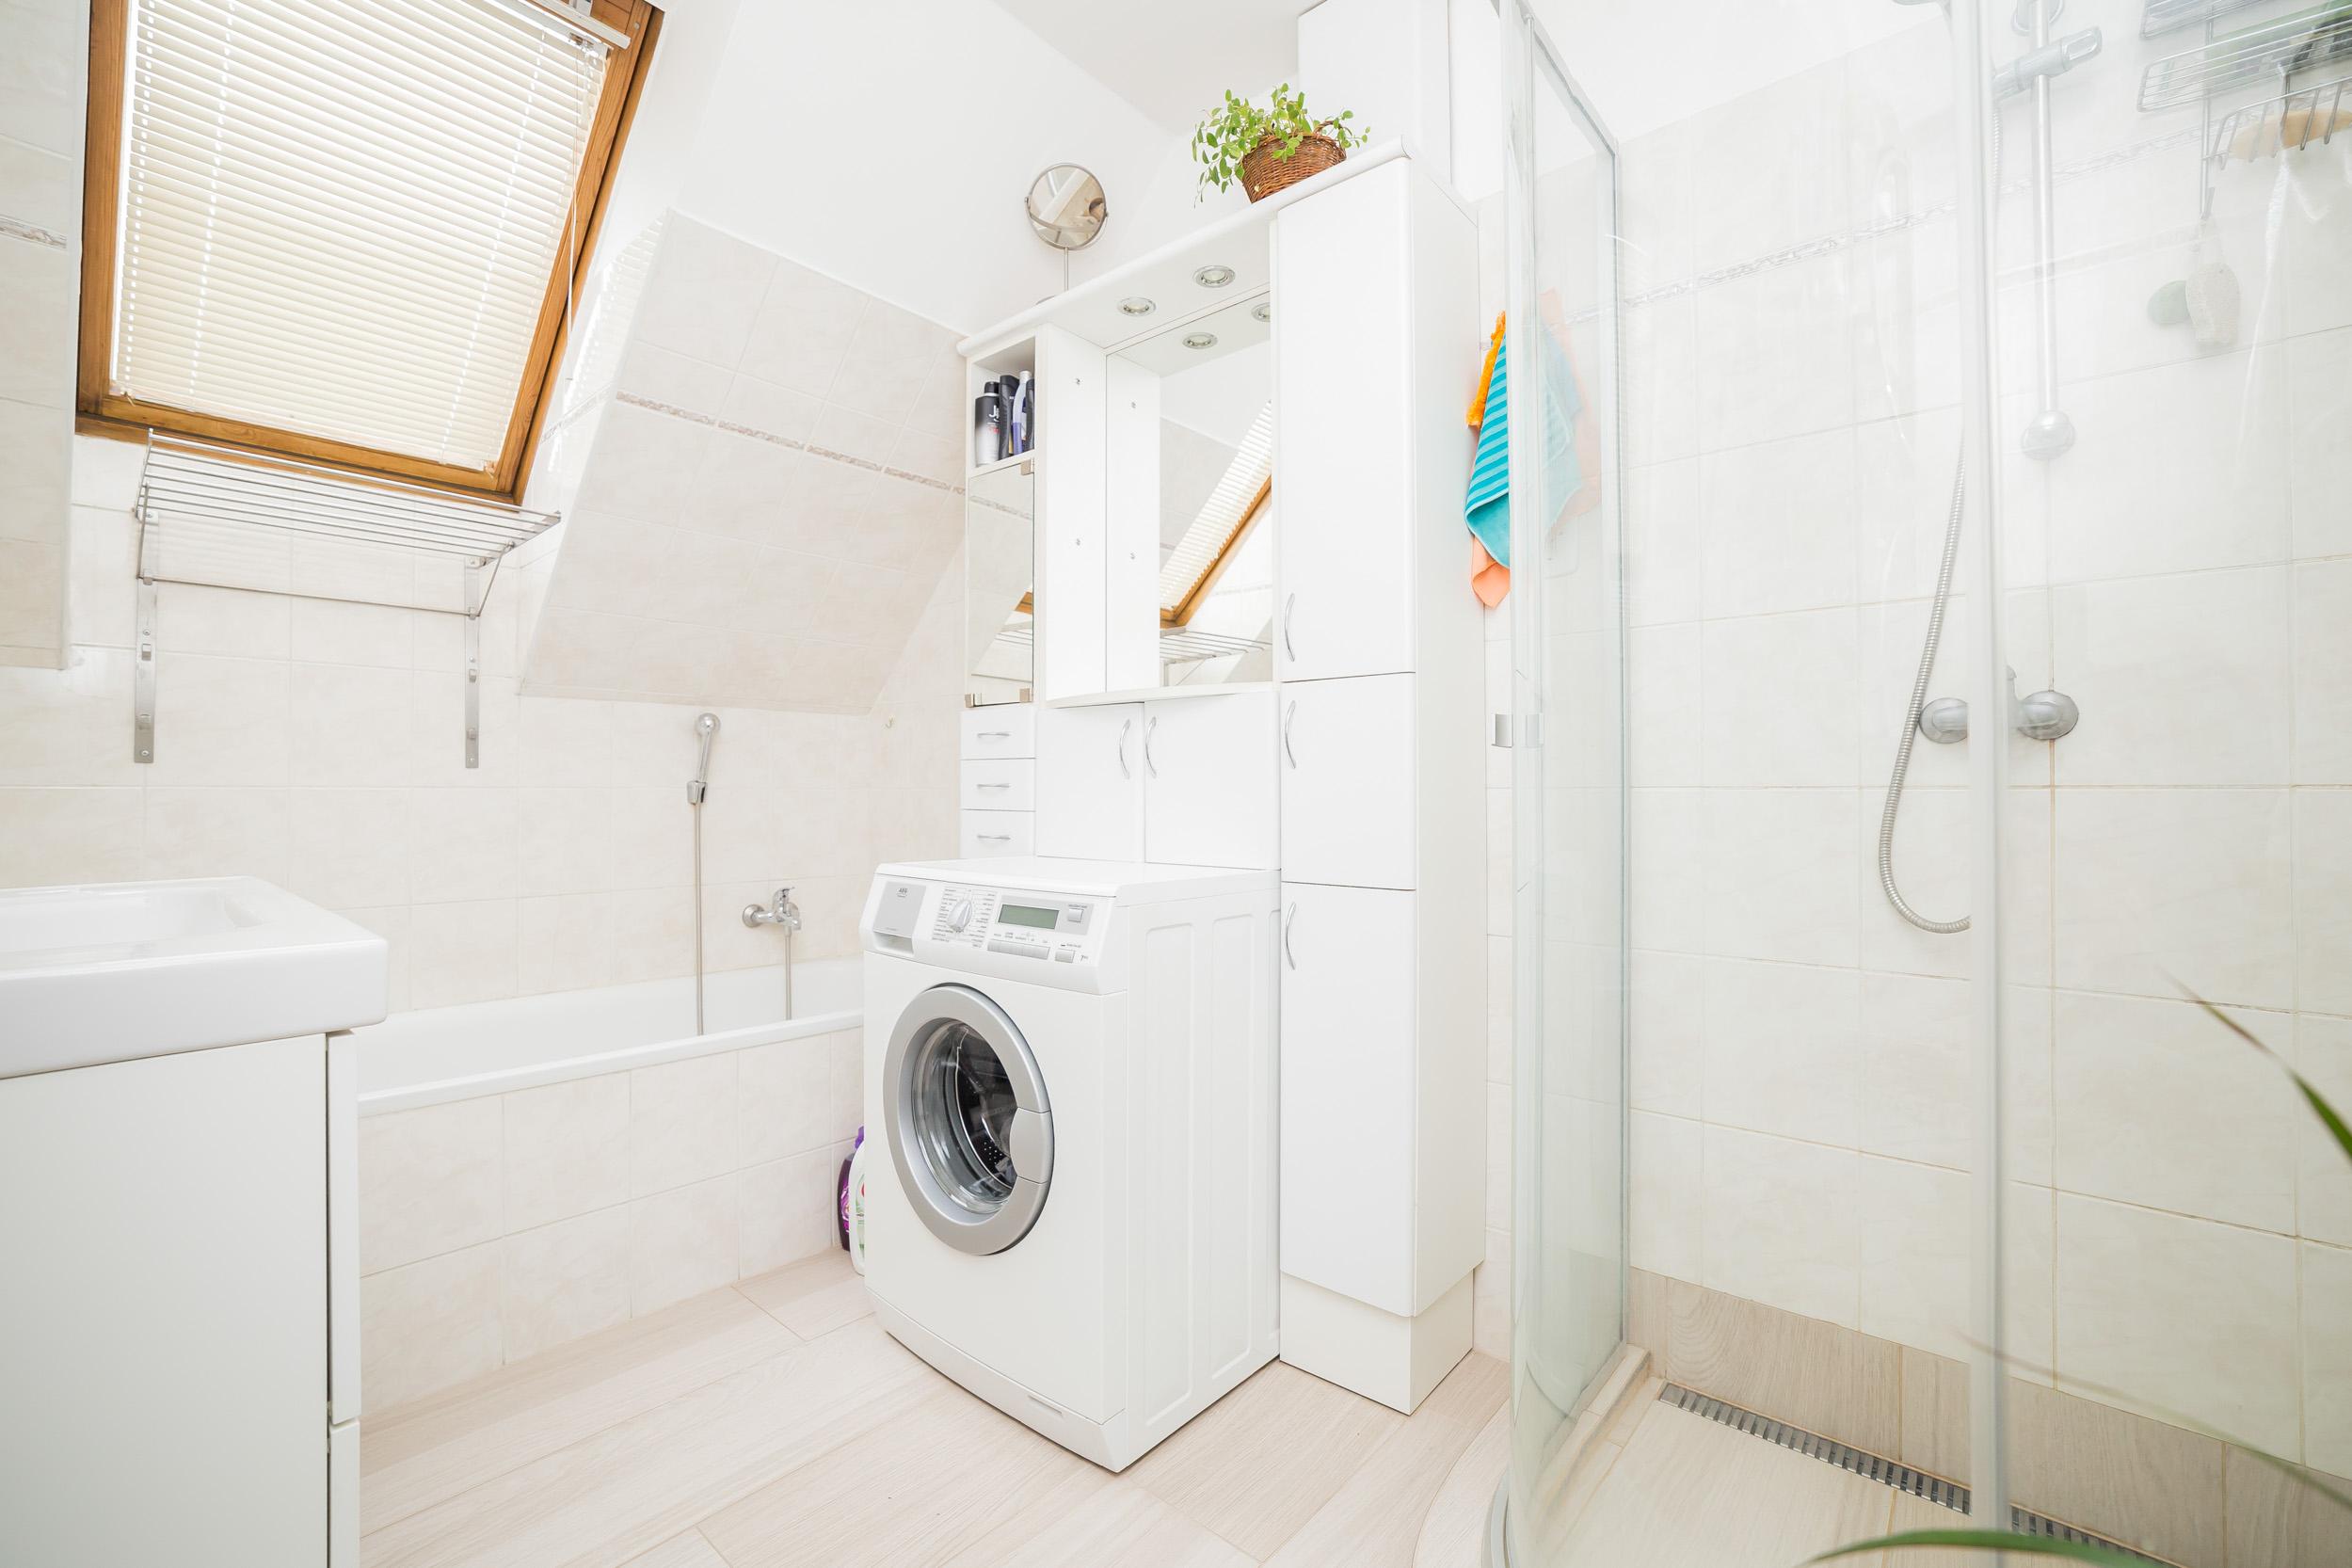 opava reality koupelna sprcha vana pracka okno umyvadlo vesak rucnik dlazba zrcatko